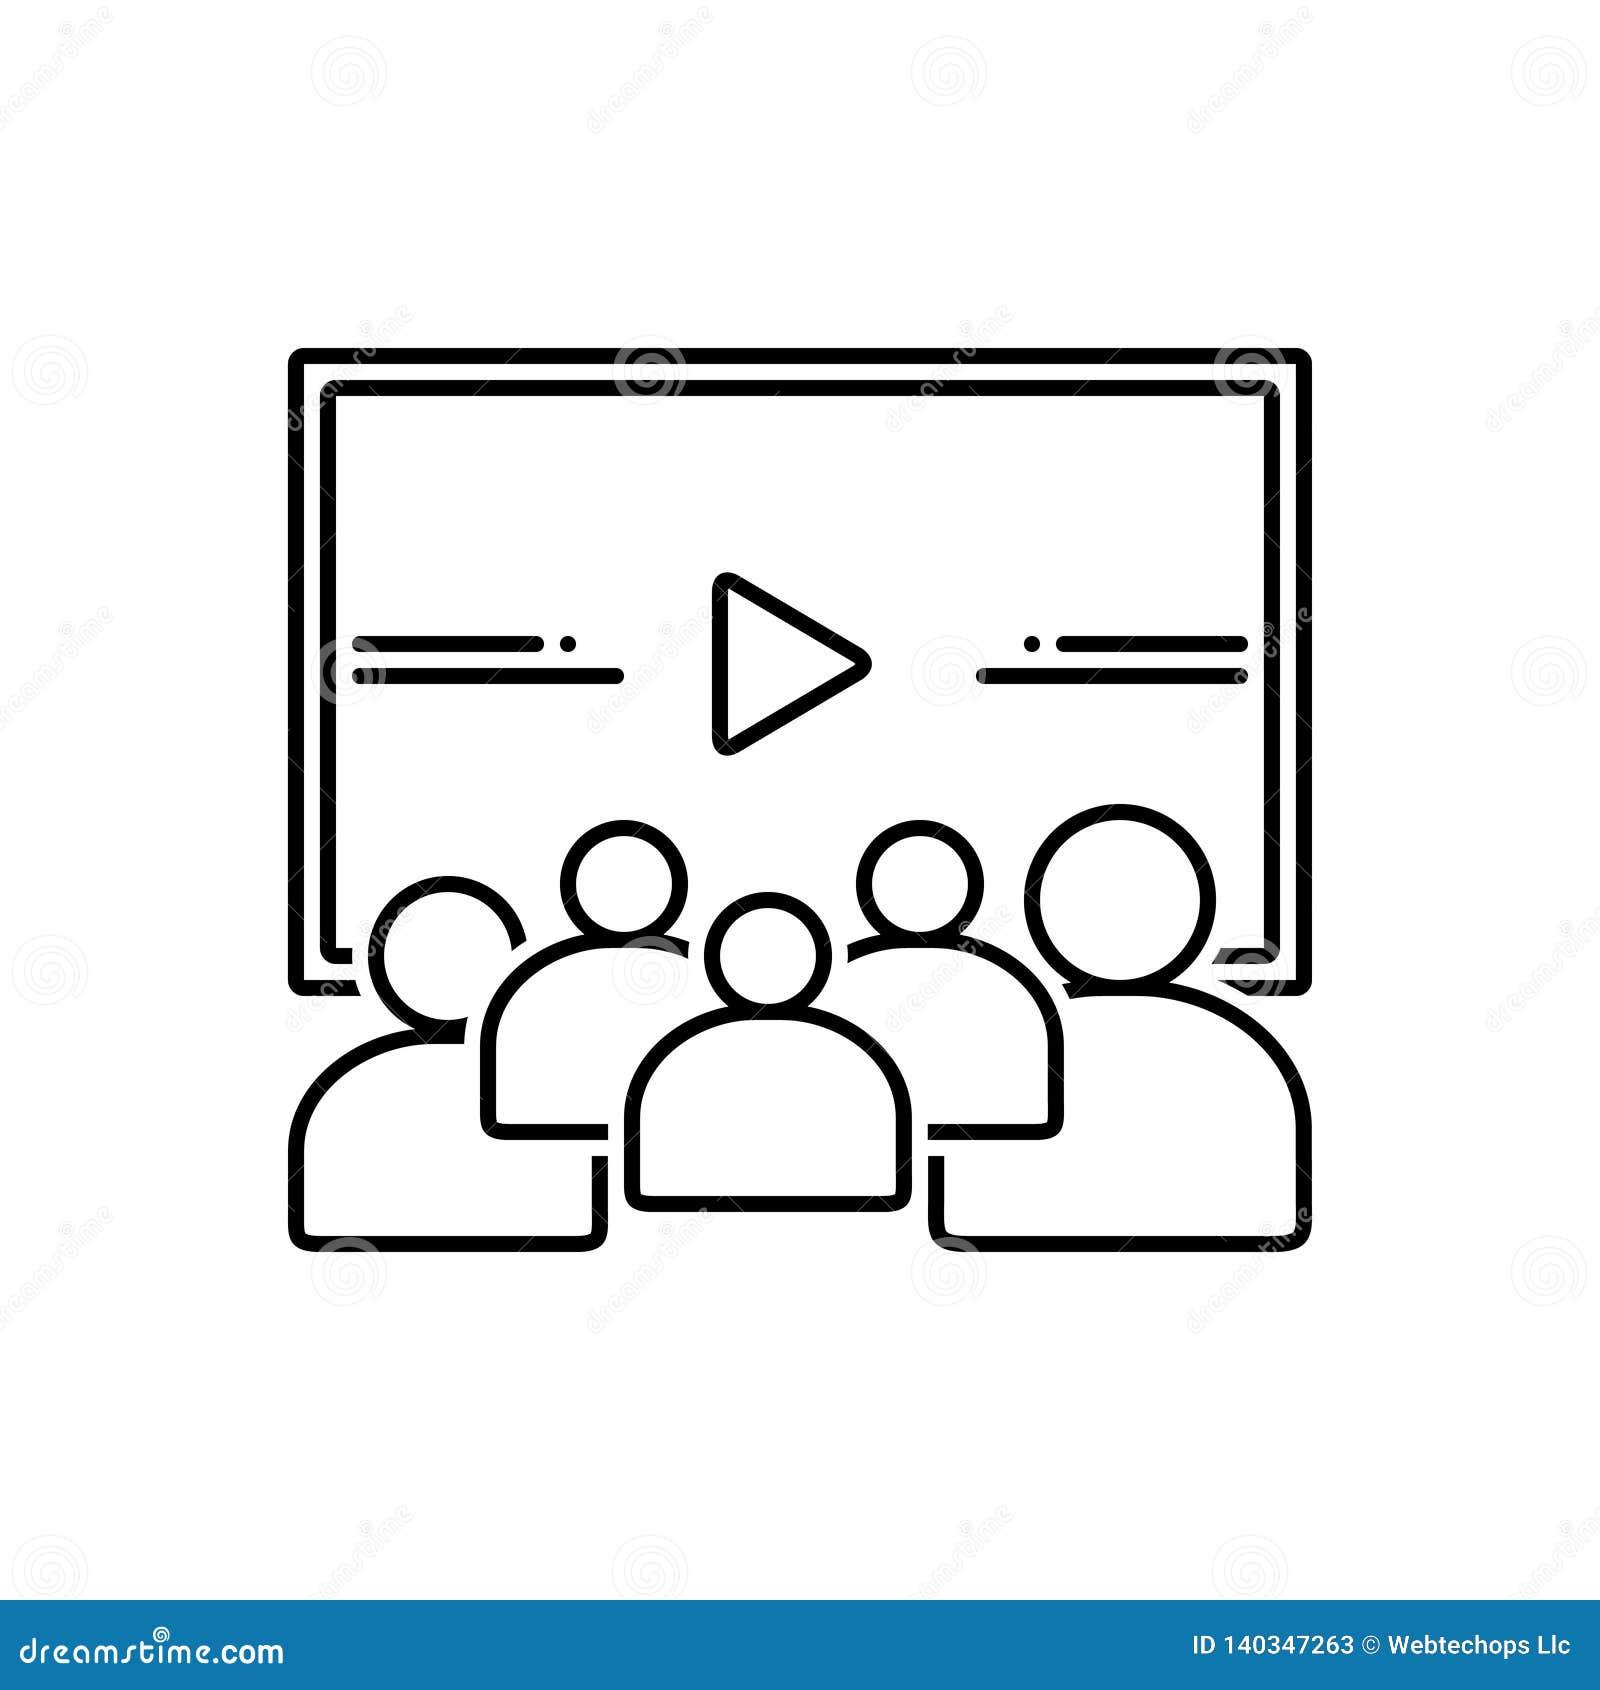 Línea negra icono para el vídeo, la audiencia y la investigación